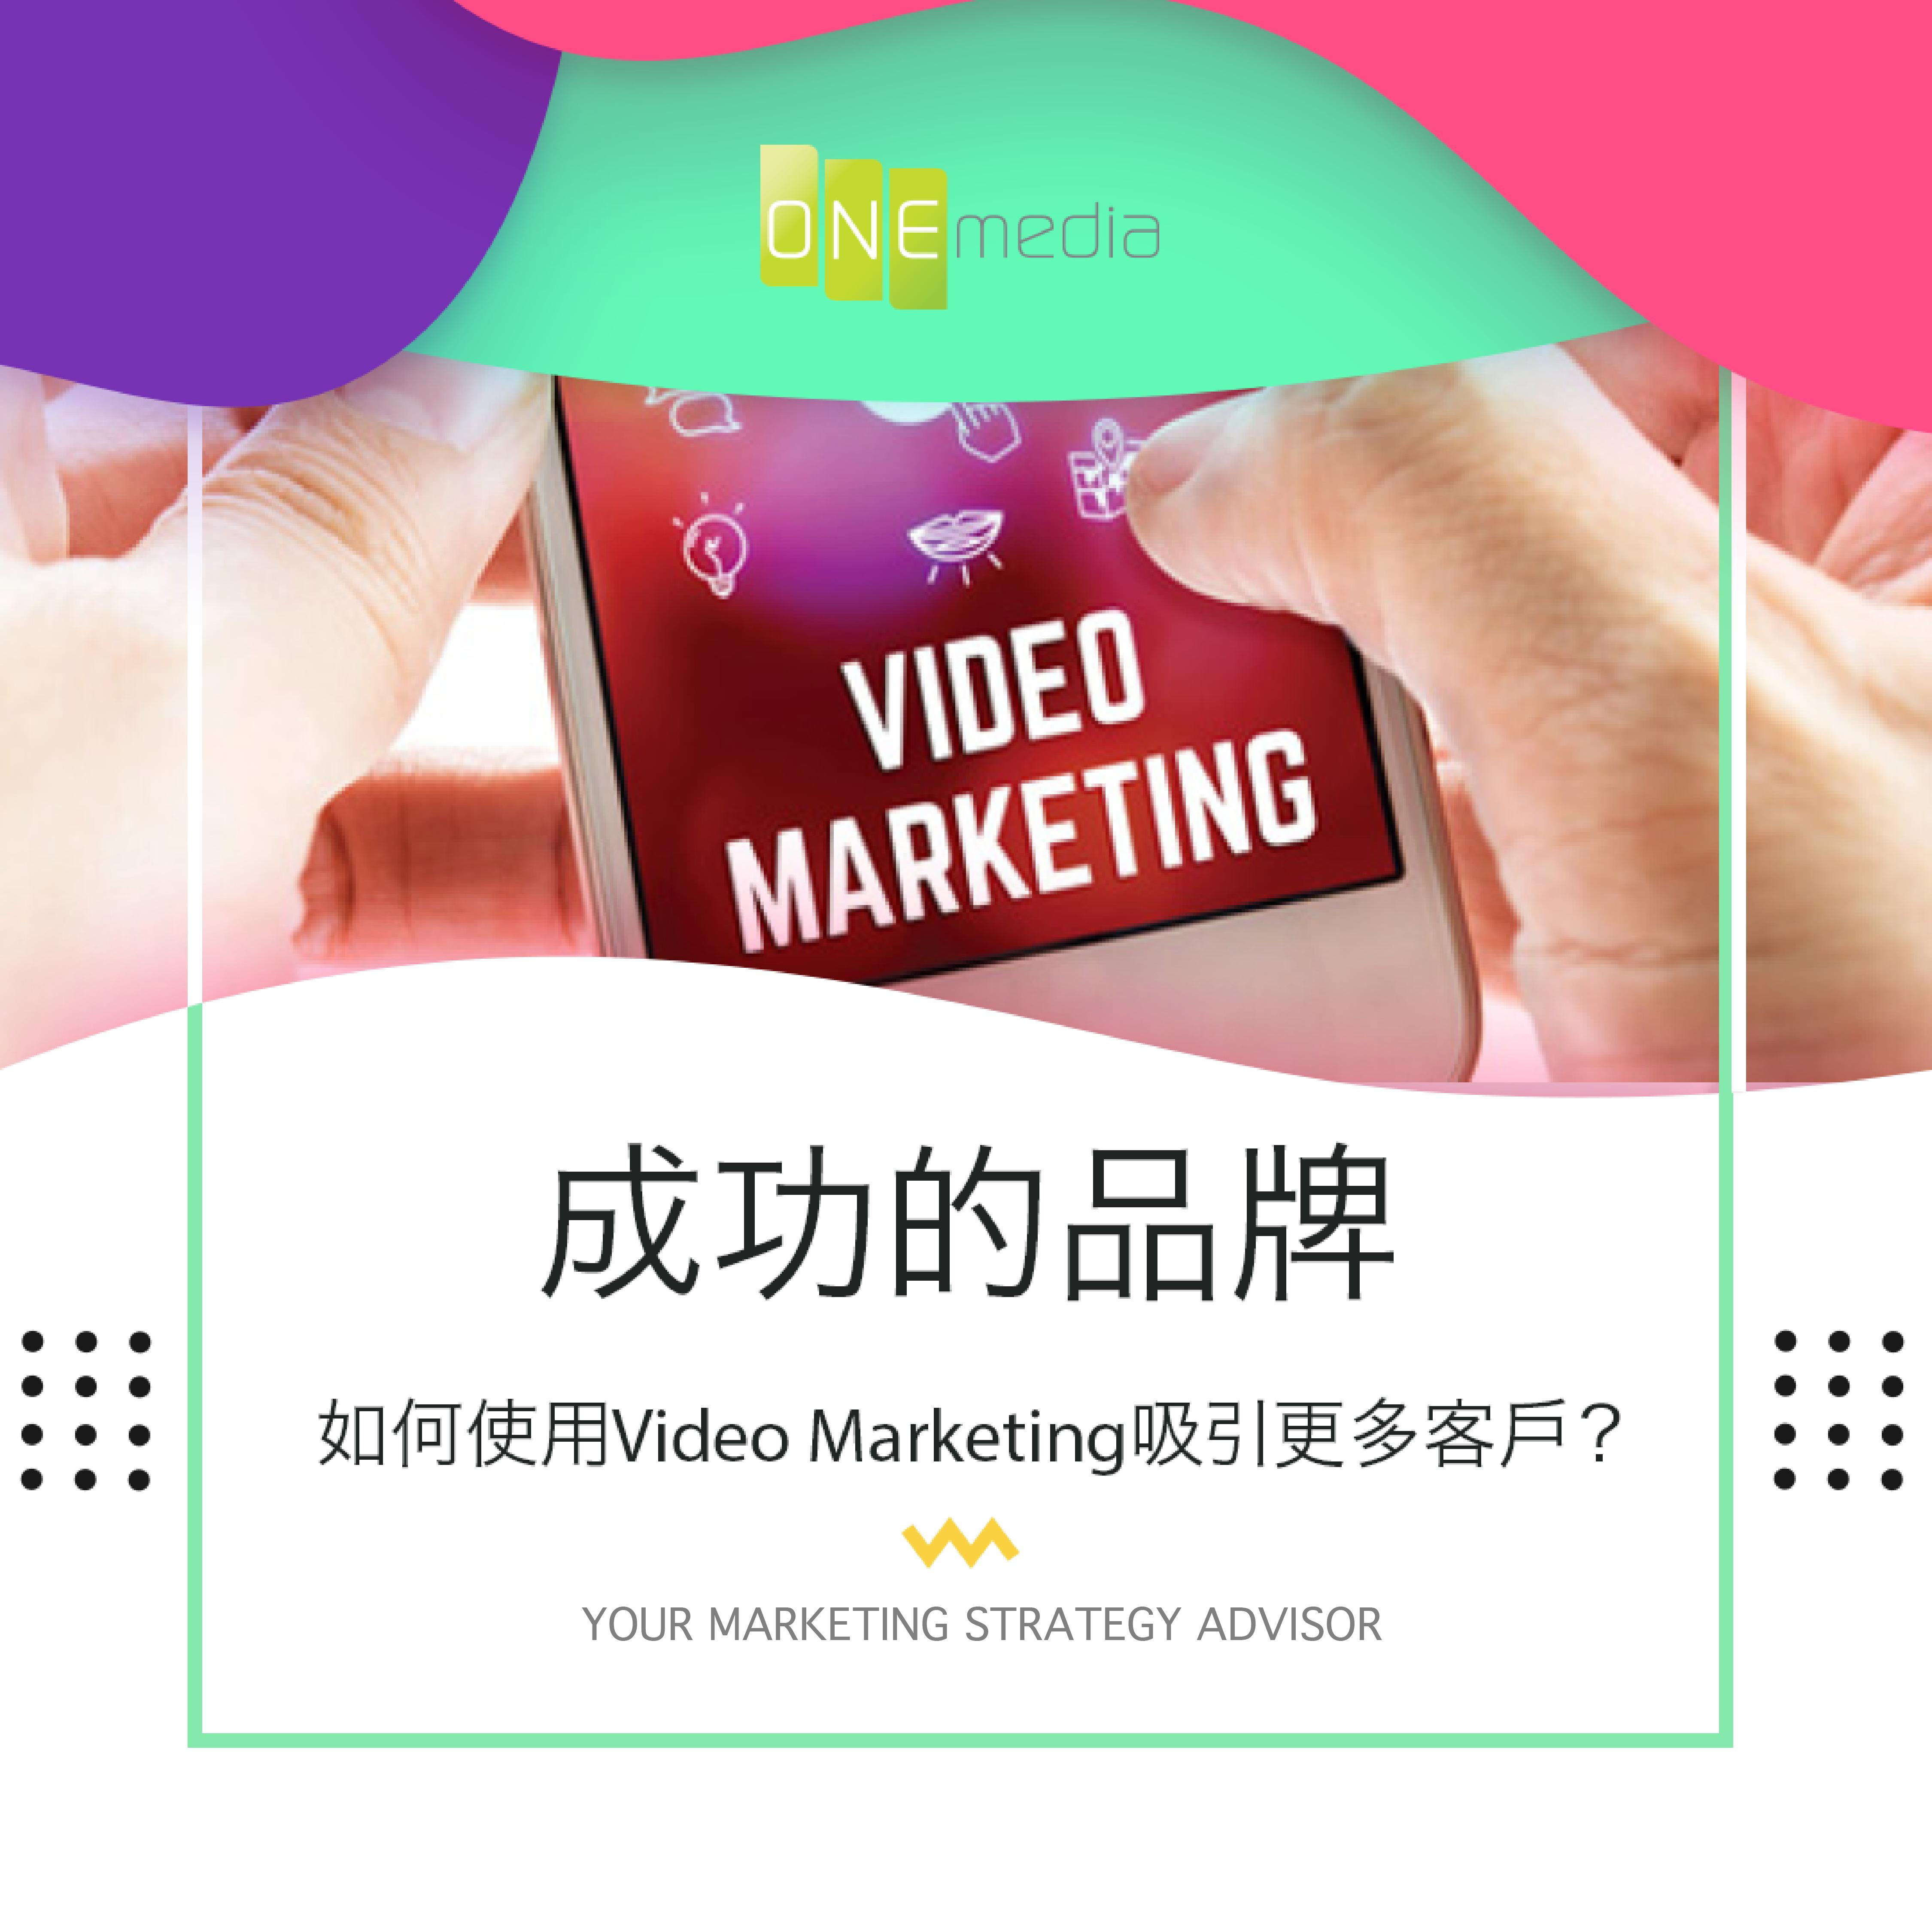 成功品牌用Video Marketing吸引更多客户?